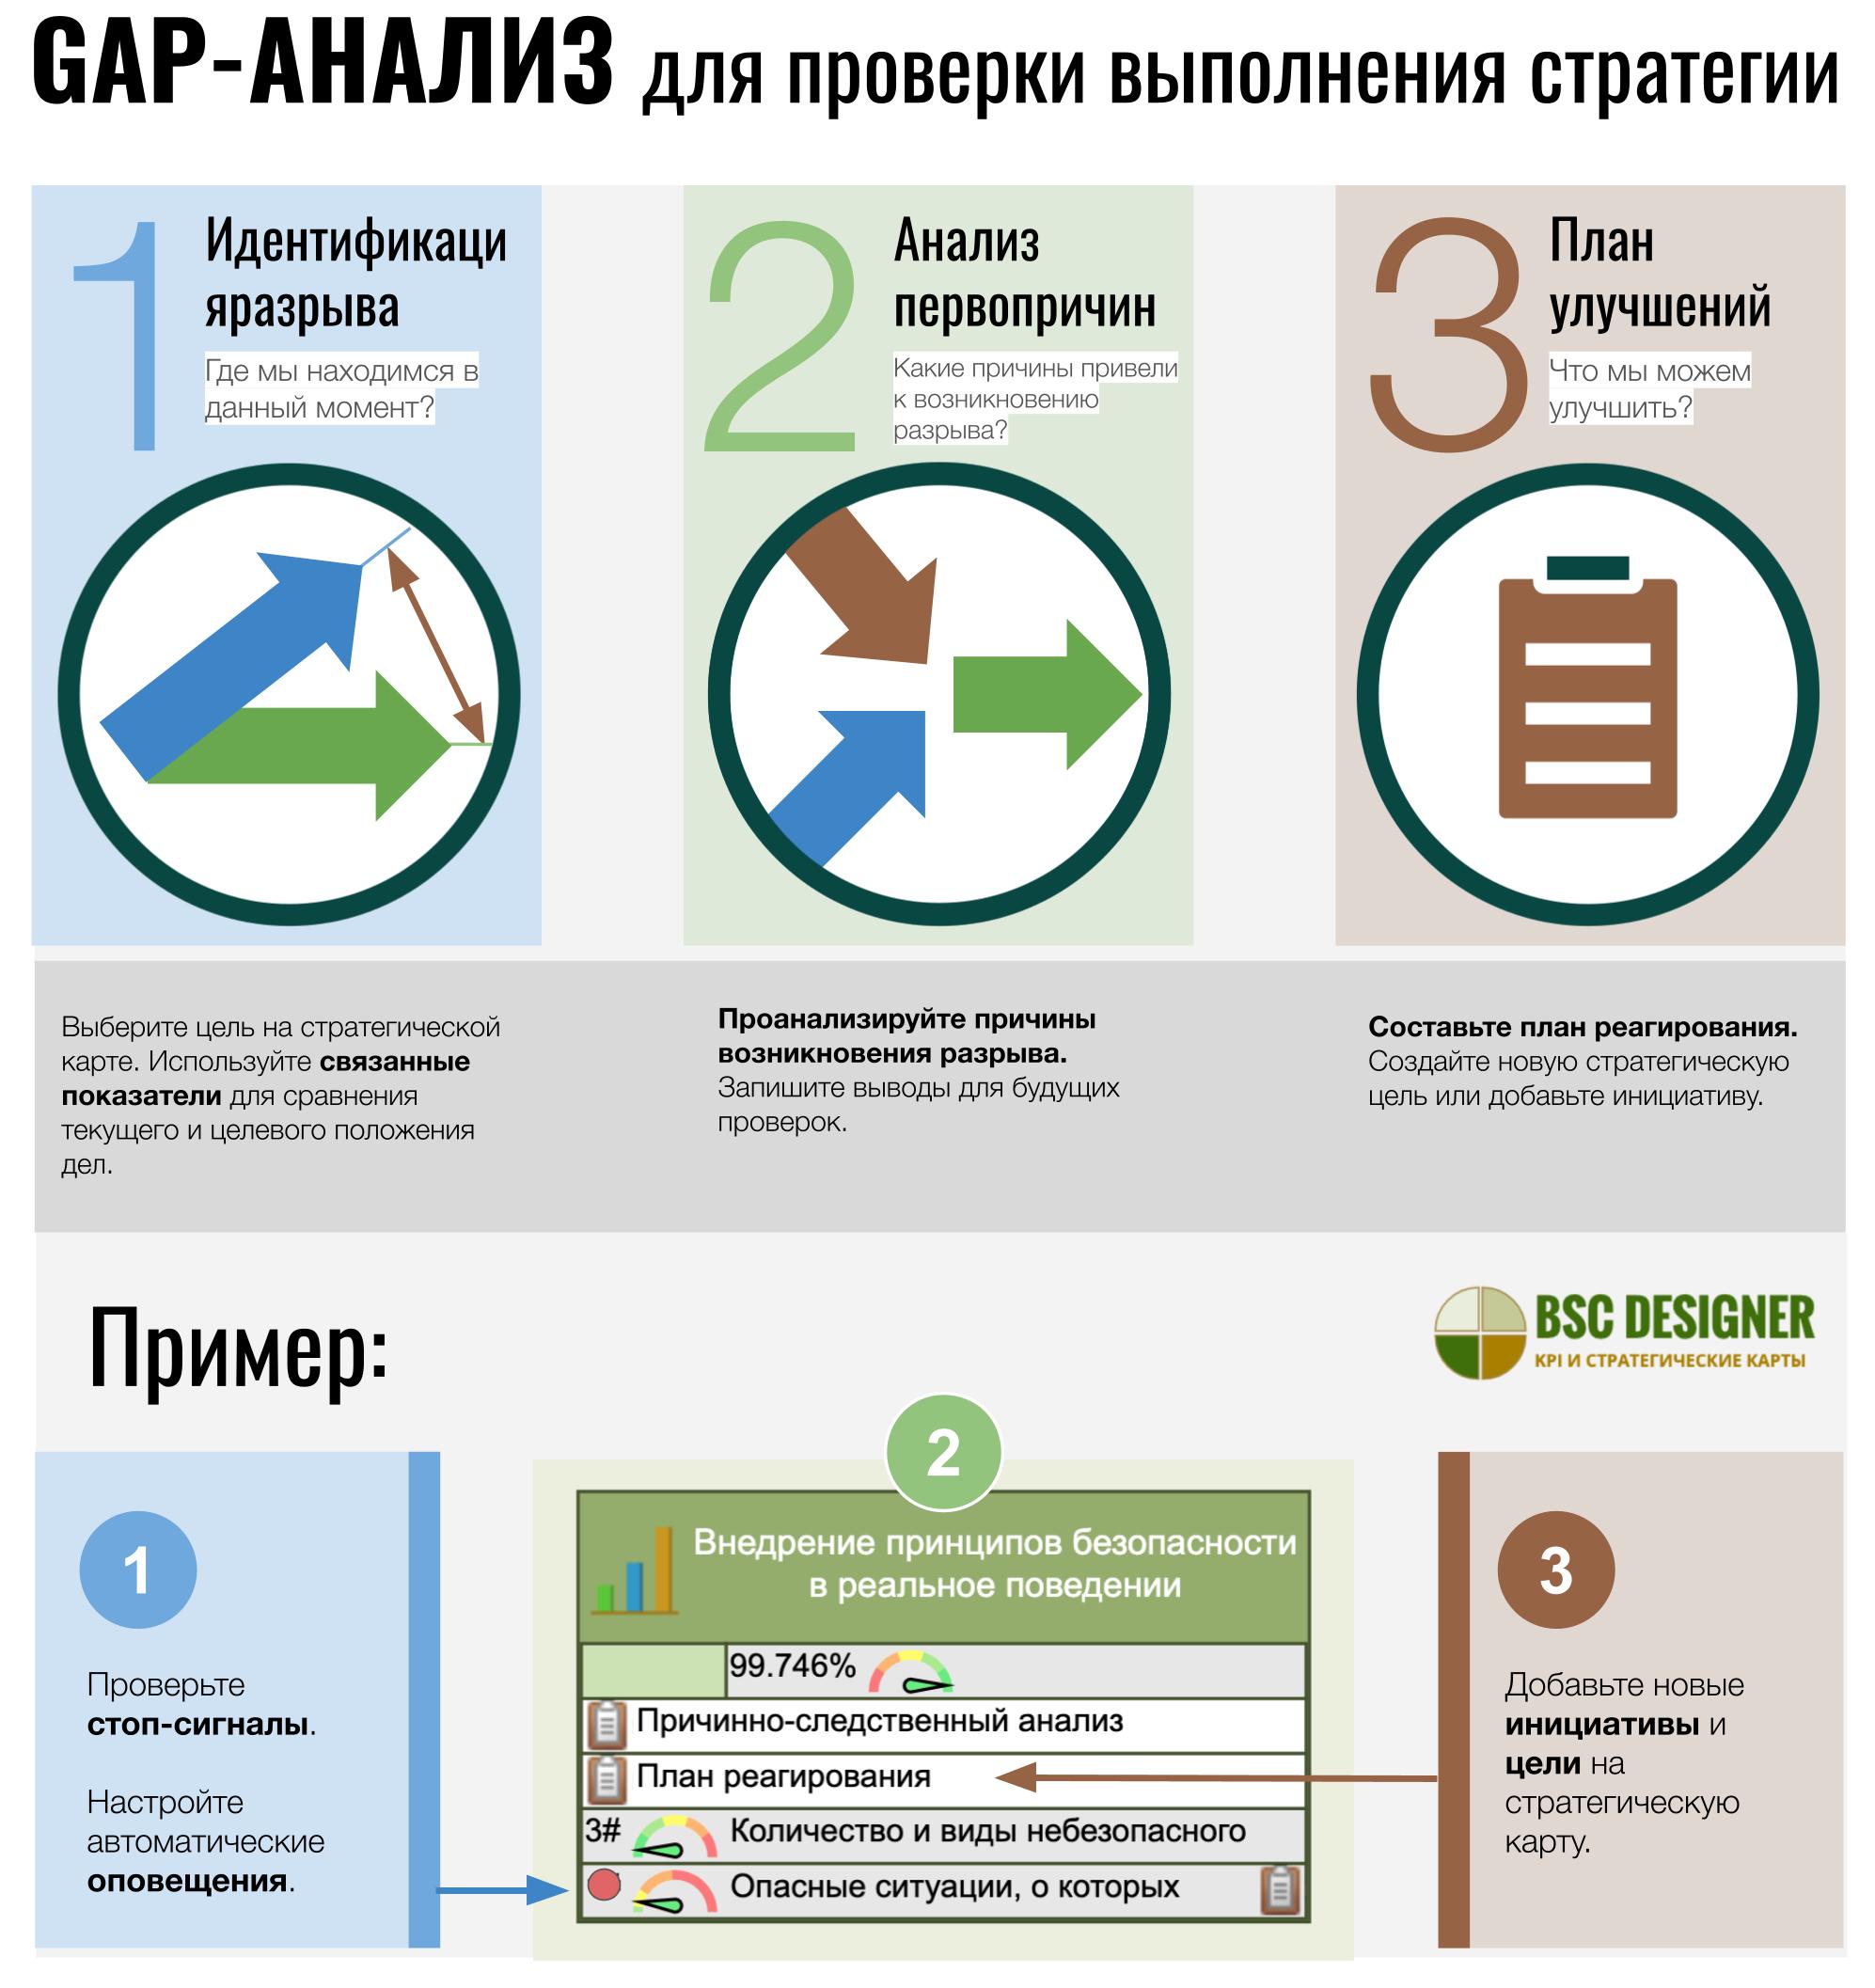 Gap-анализ для выполнения стратегии